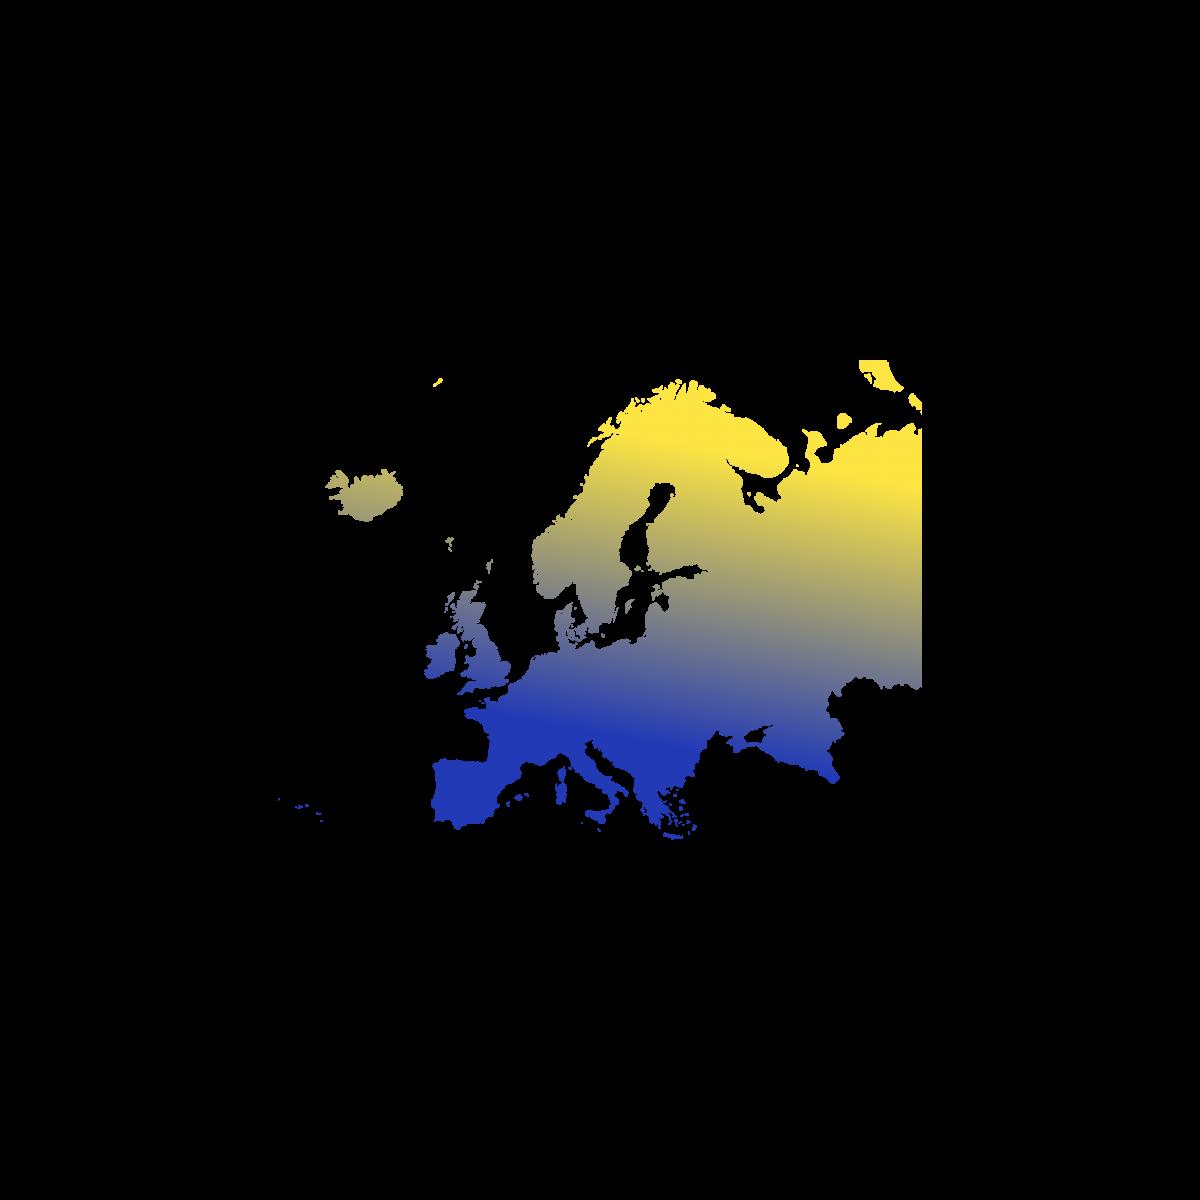 Illustration du contient européen. Eu Coordination agence de traduction de documents dans les langues européennes.